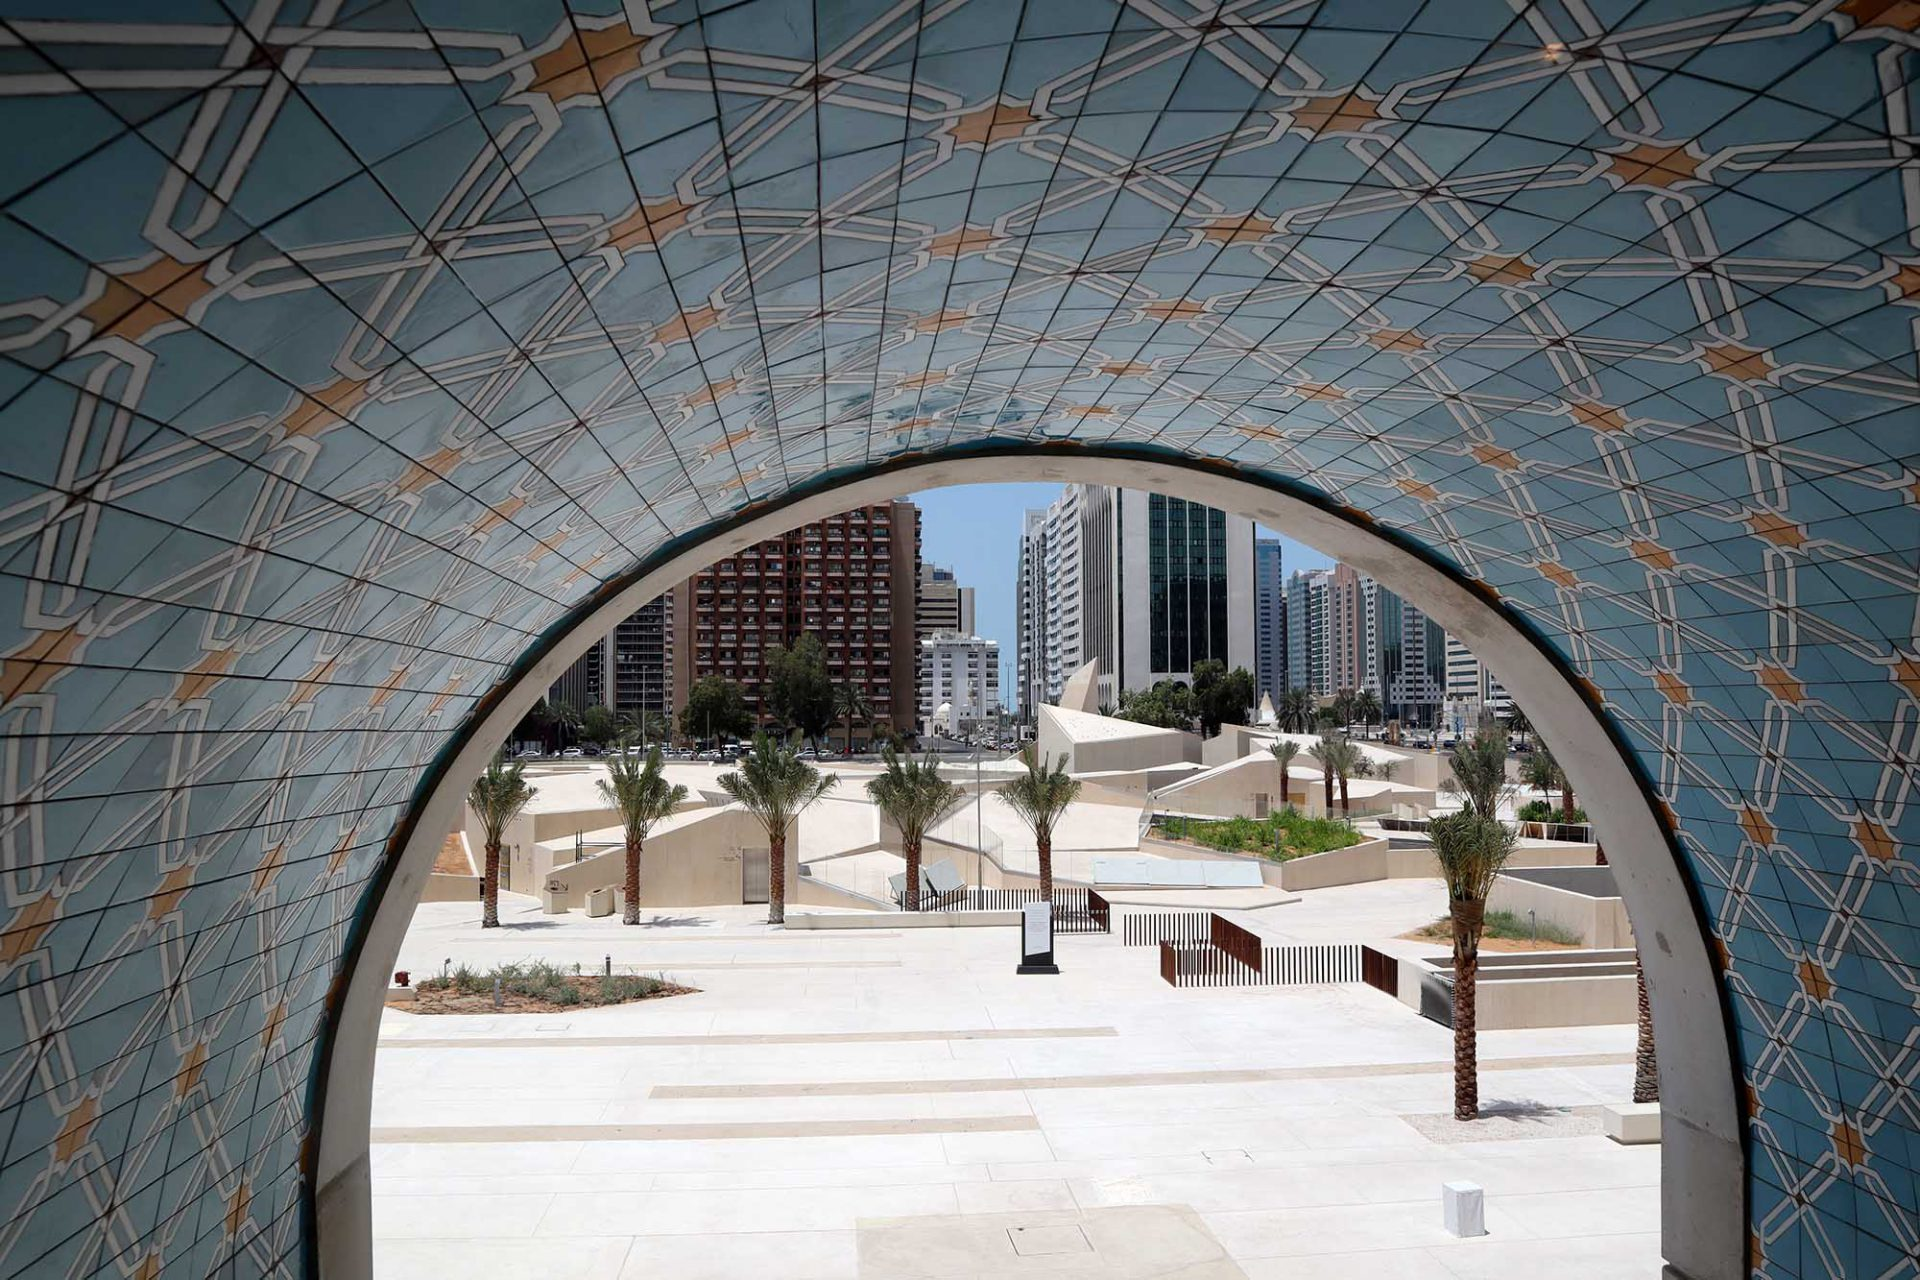 Park Qasr Al Hosn. Anstelle des Amphitheaters entstand eine abstrahierte Küstenlandschaft.